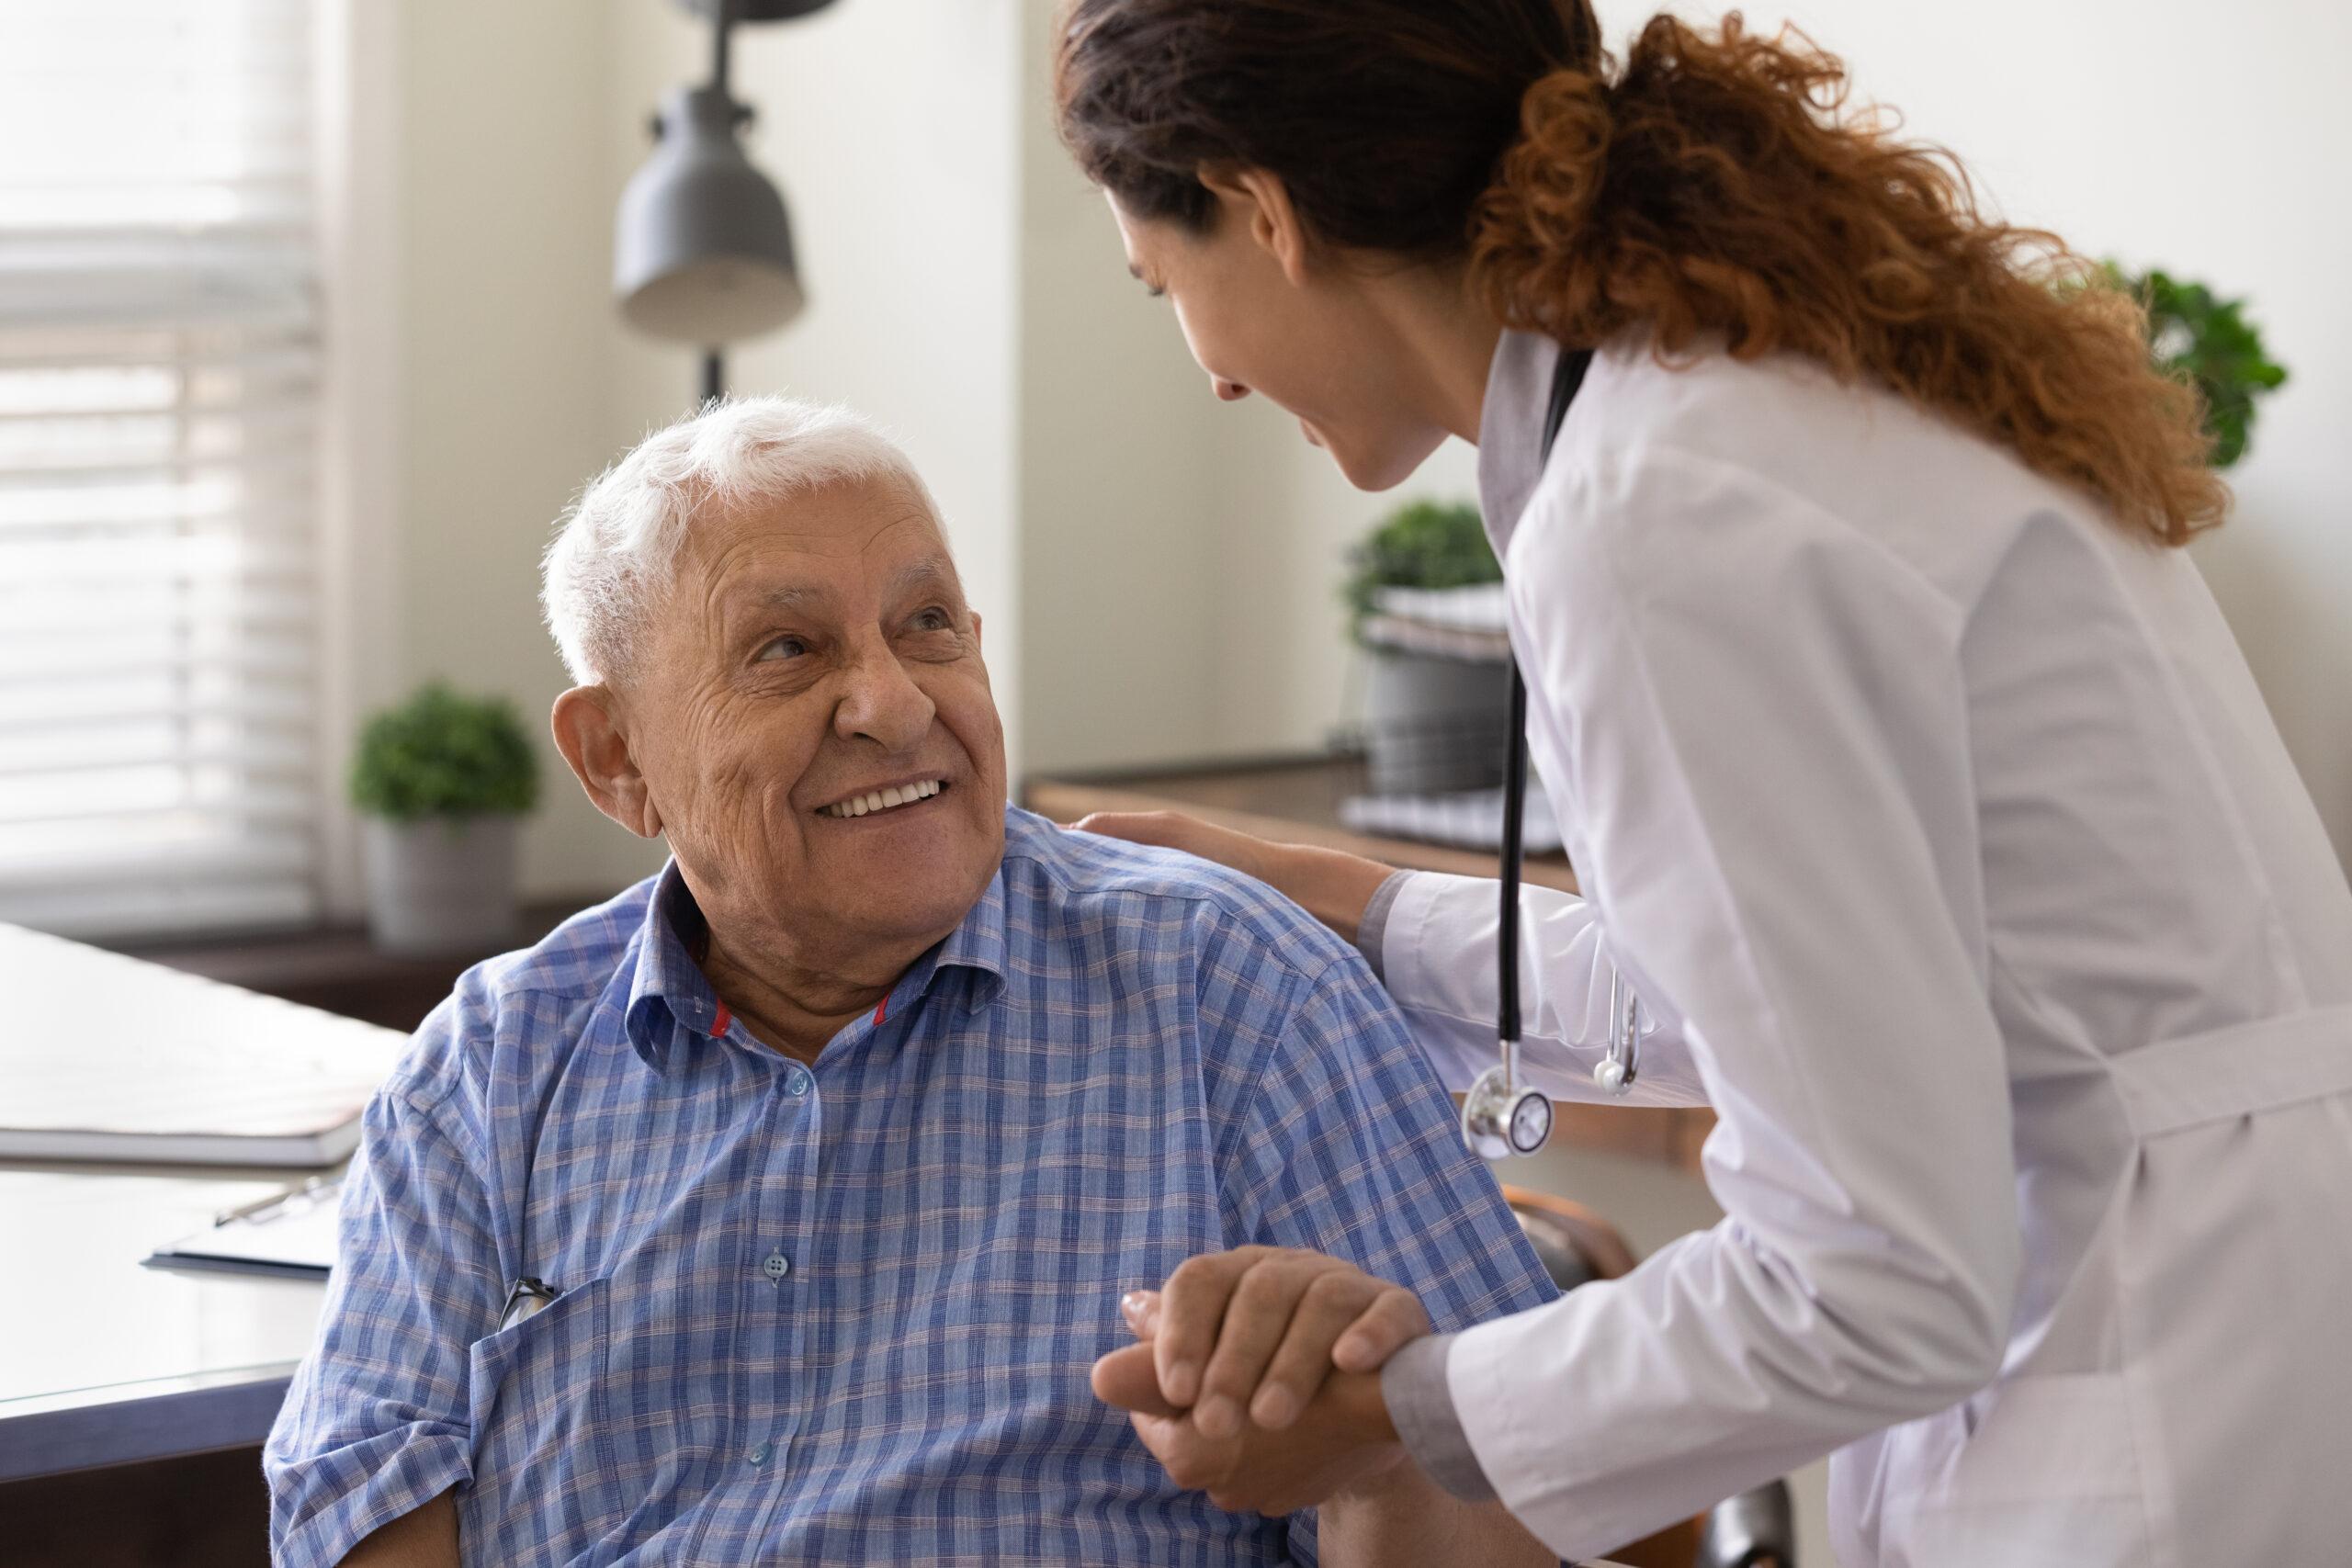 nurse holding smiling